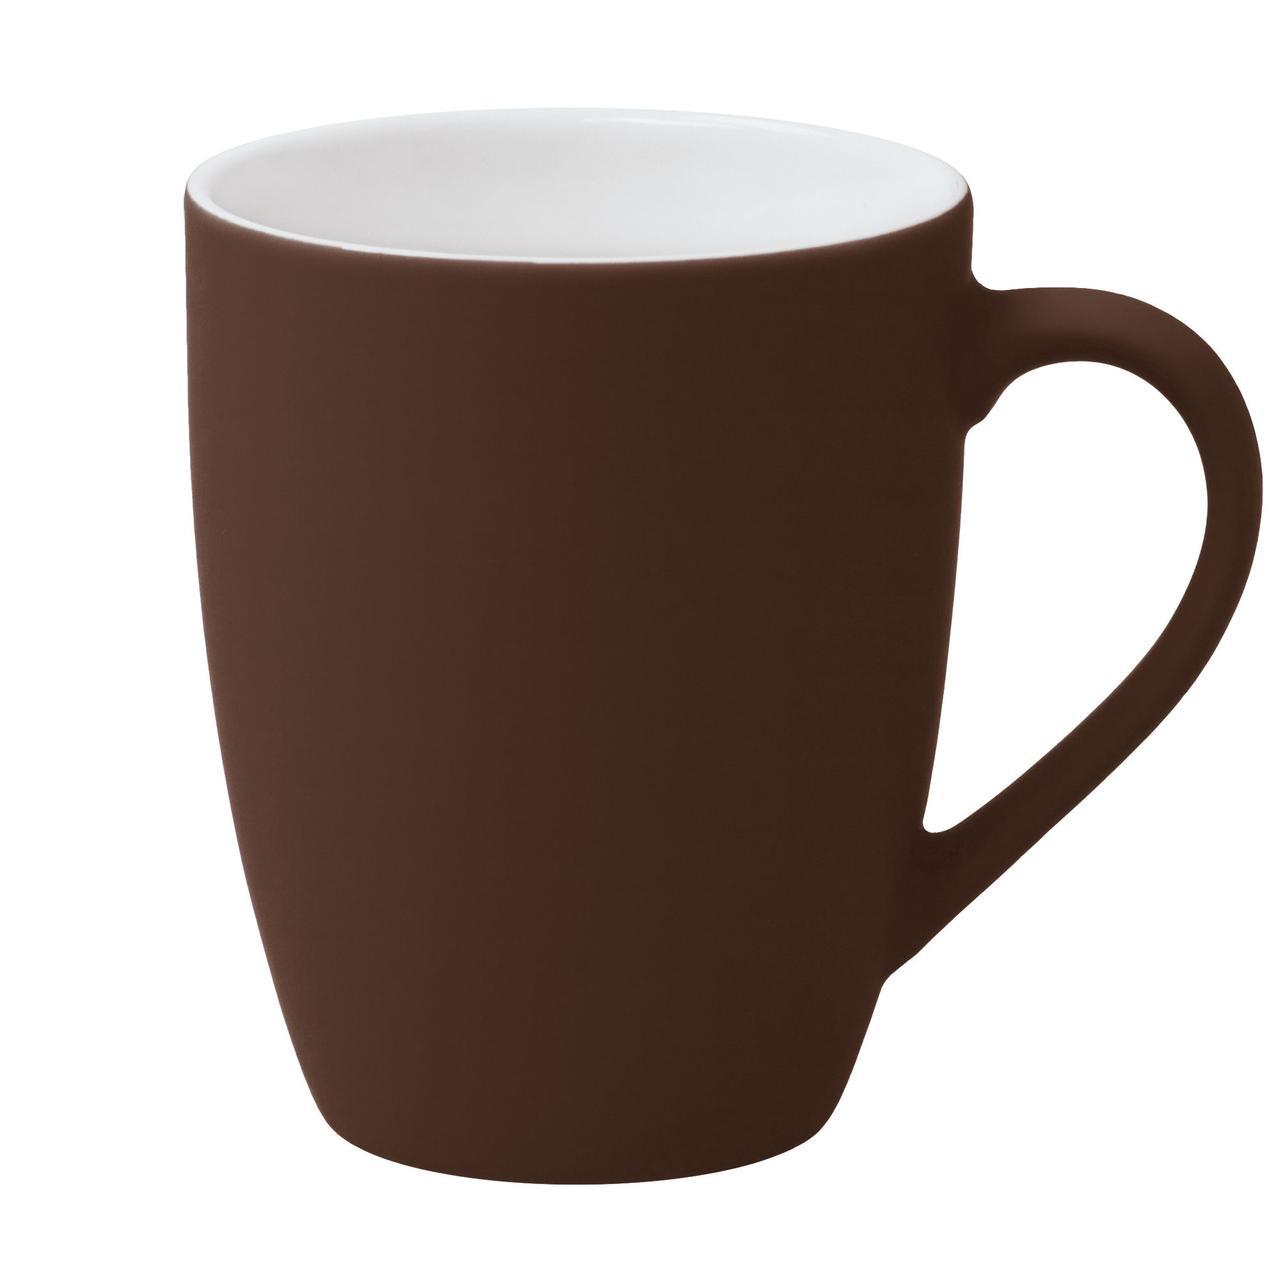 Кружка Good Morning c покрытием софт-тач, коричневая (артикул 6483.59)